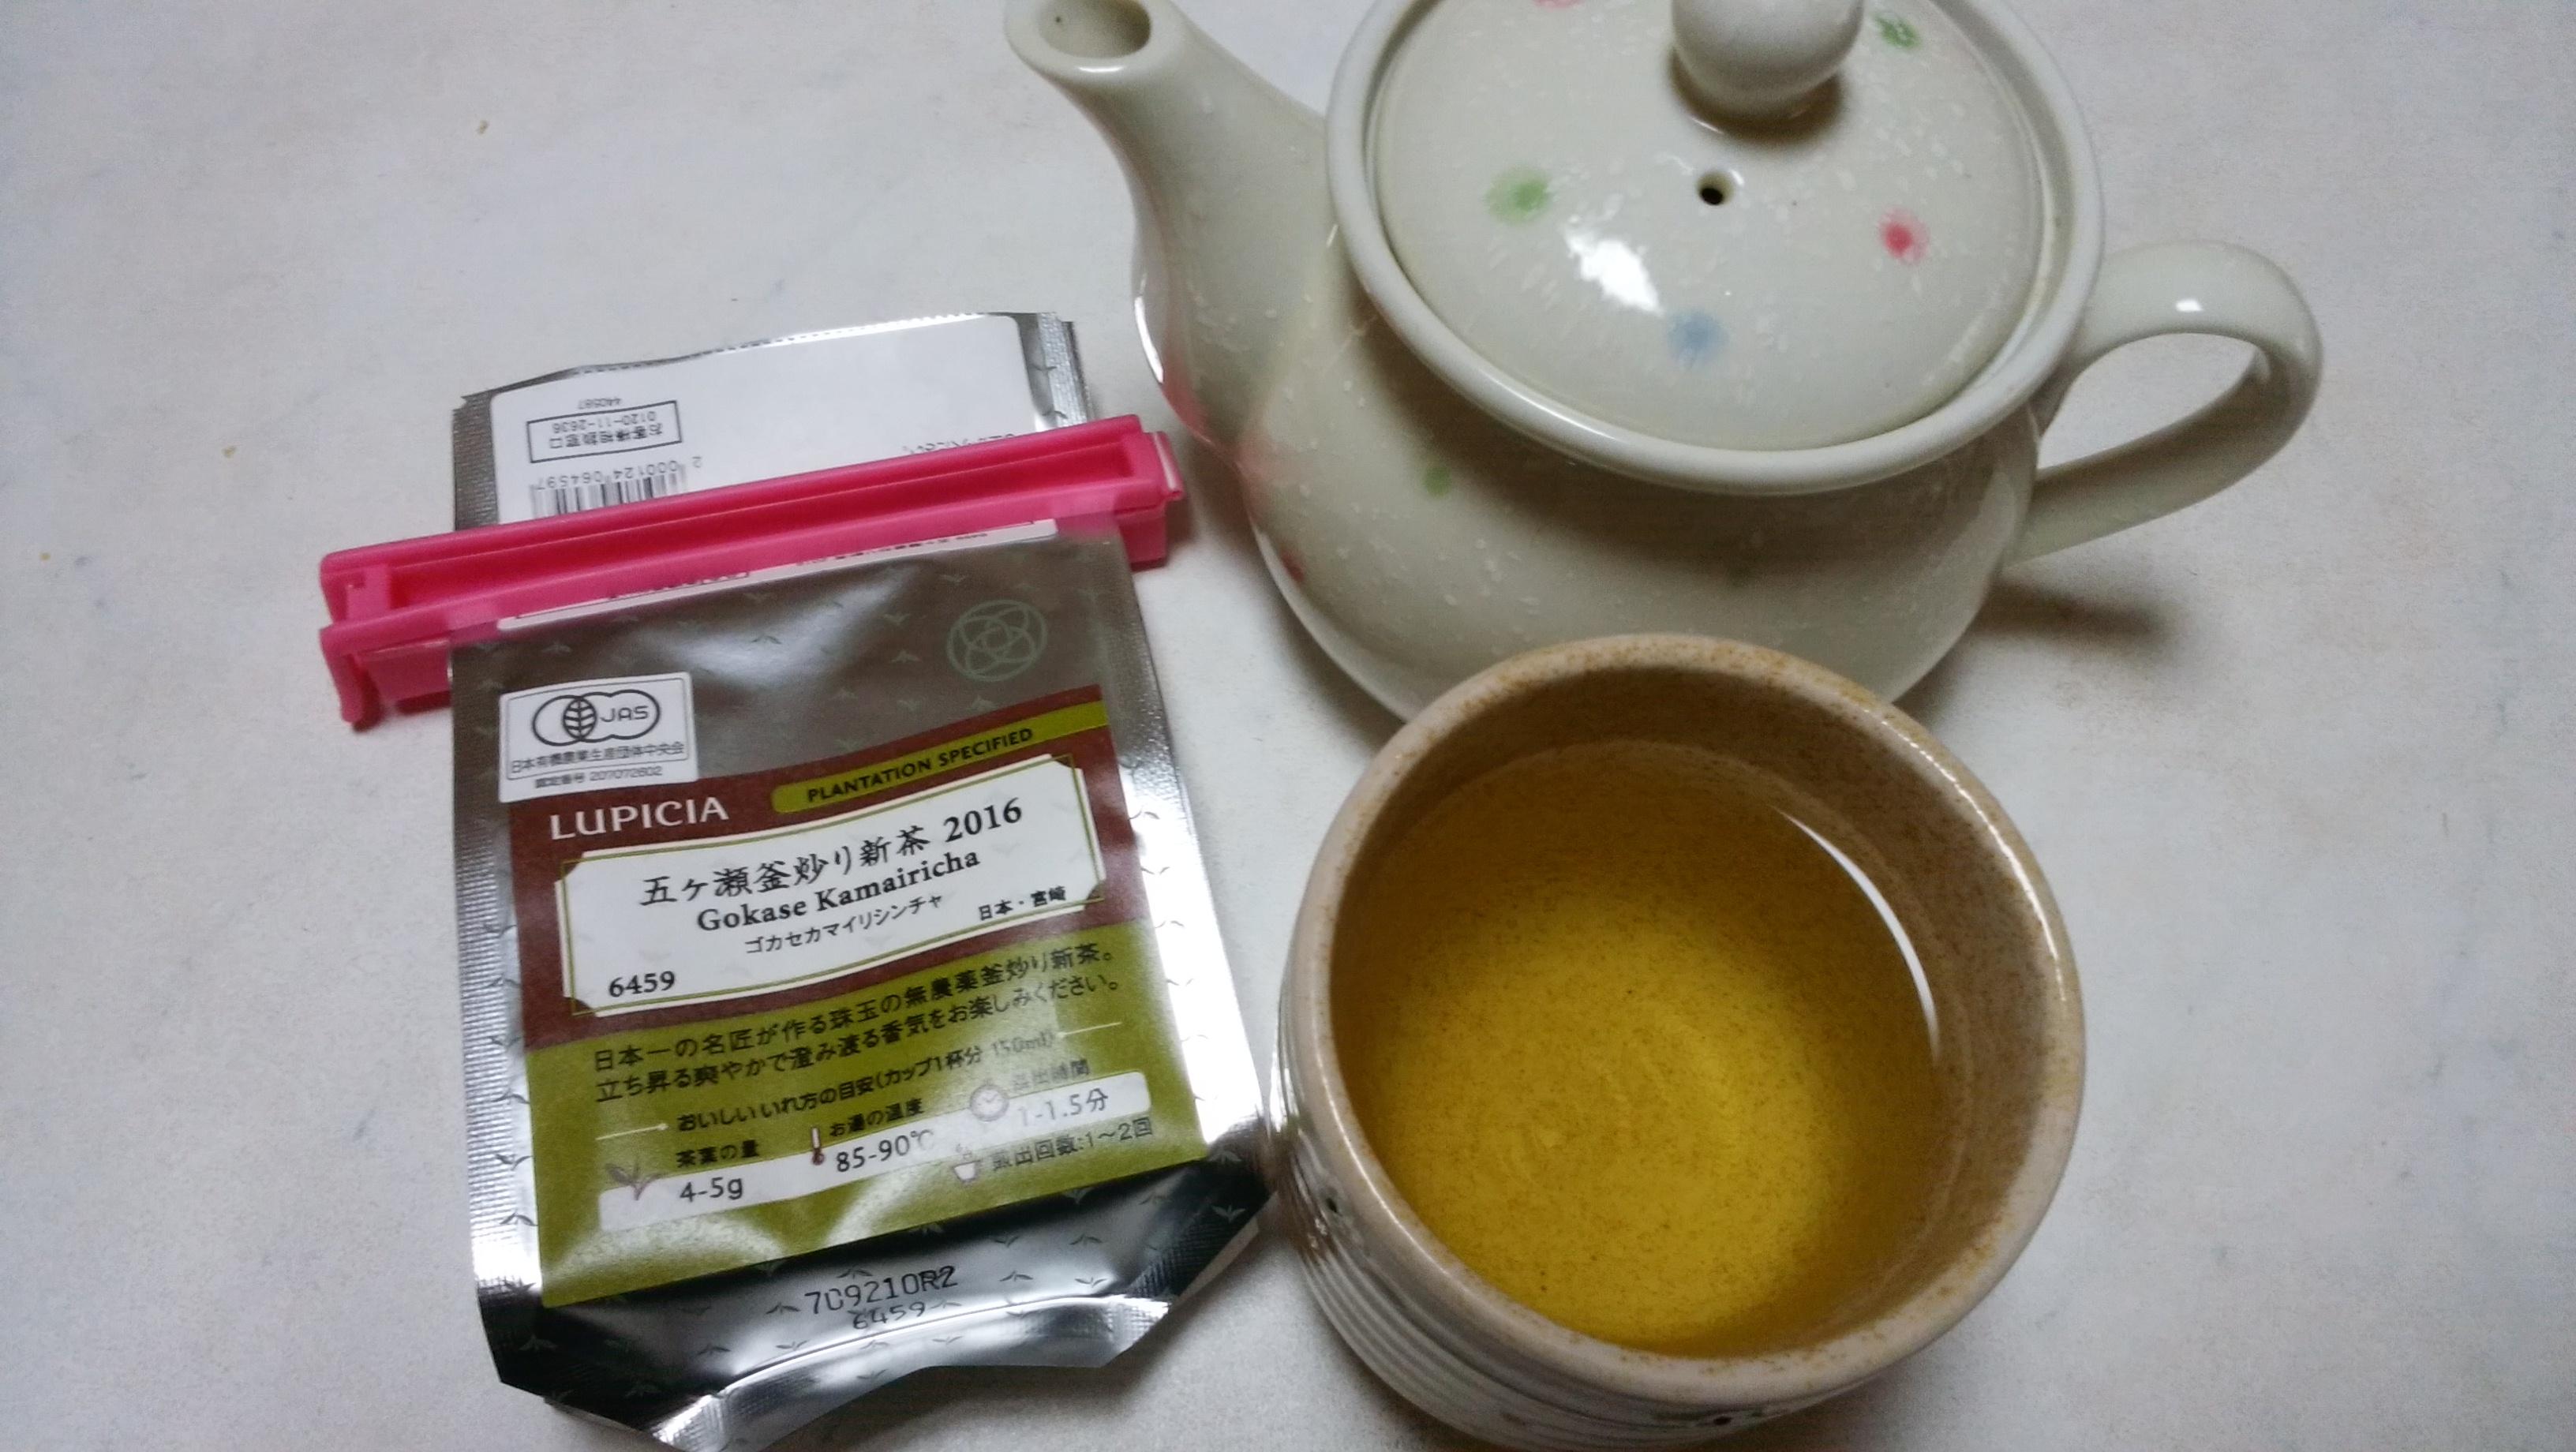 ルピシア6459五ヶ瀬釜炒り新茶2016